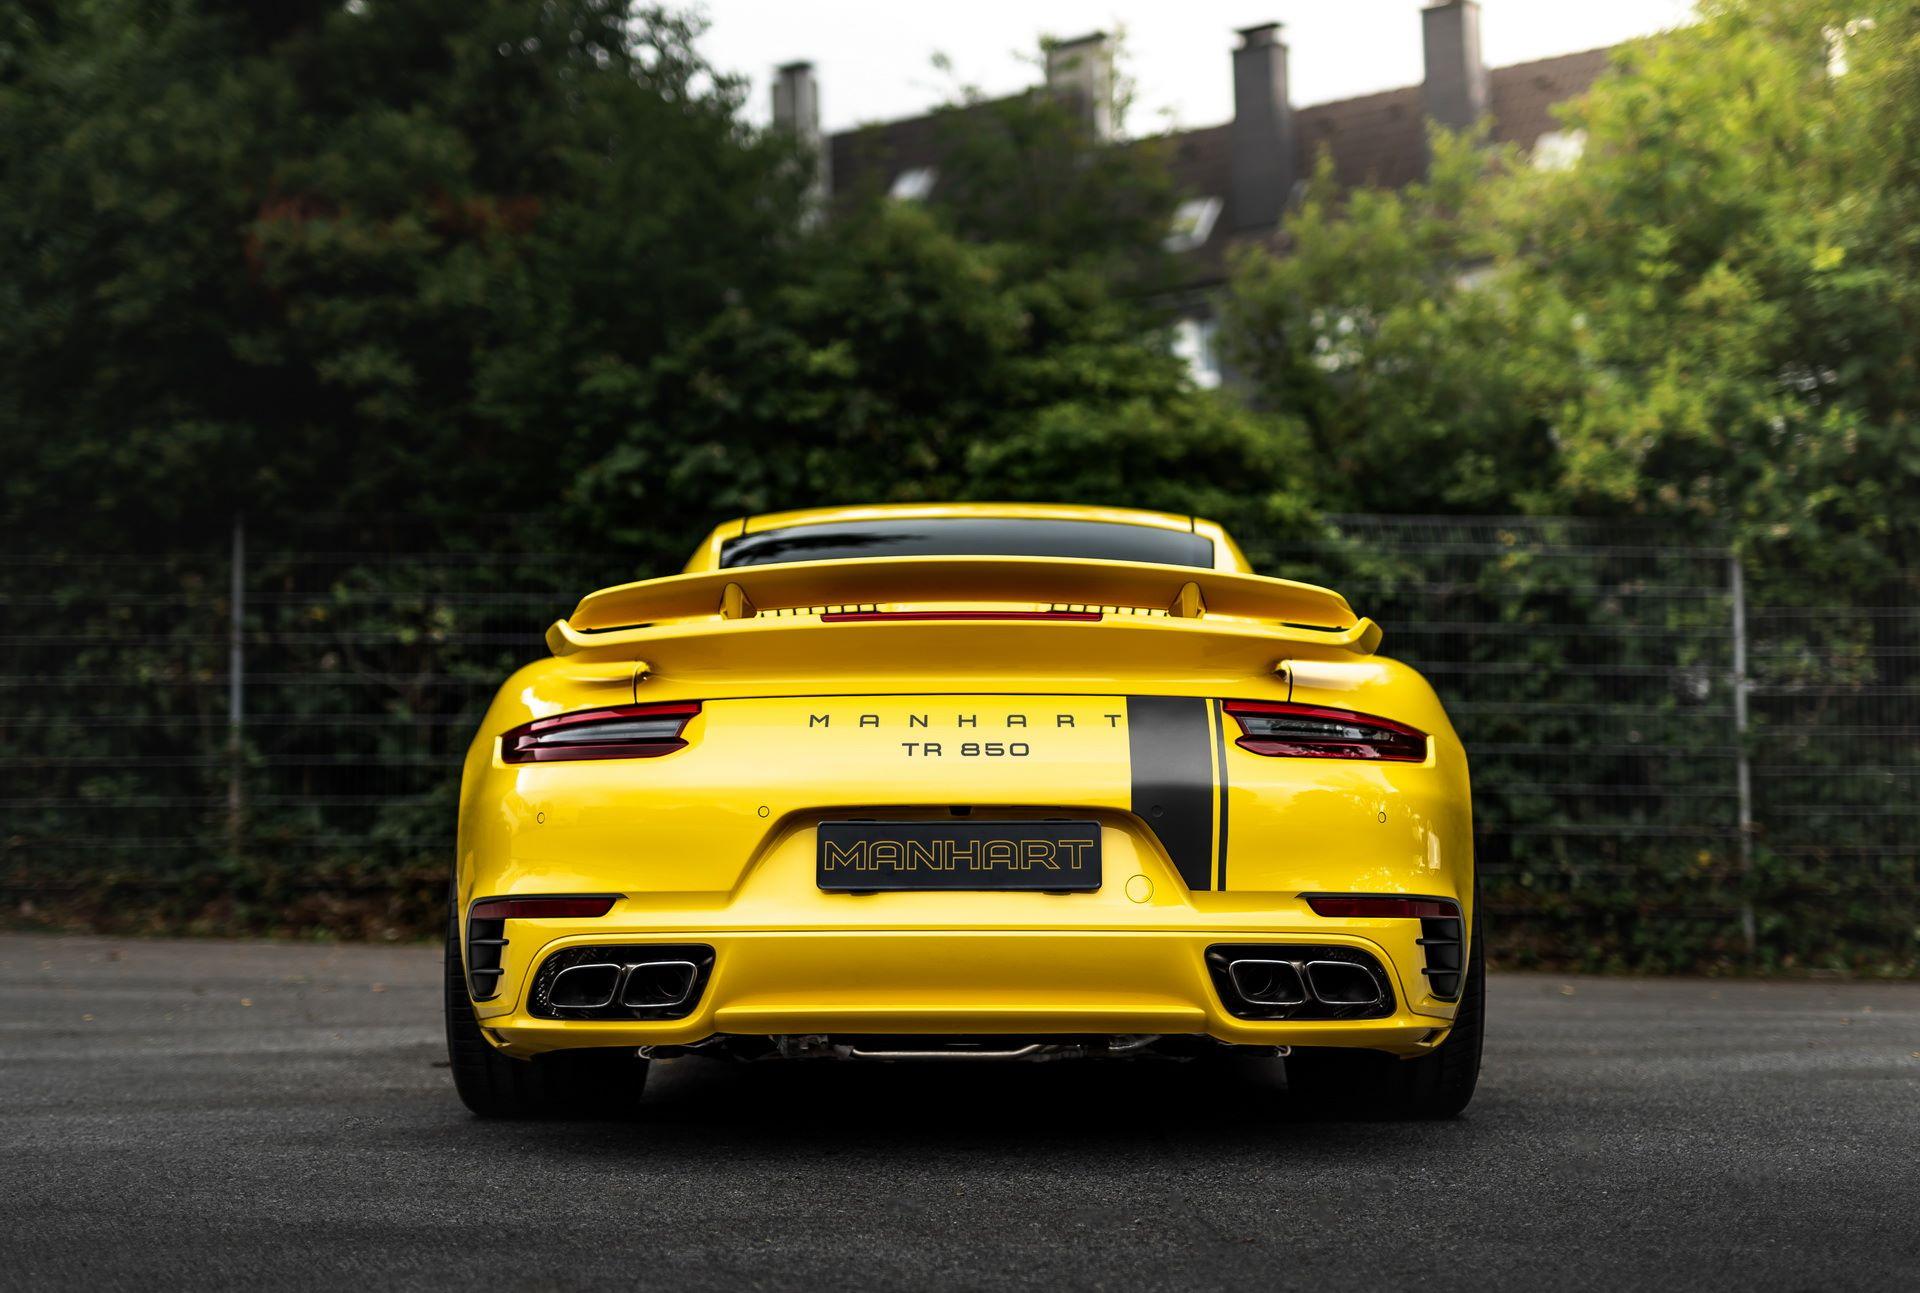 Porsche-911-Turbo-S-by-Manhart-4